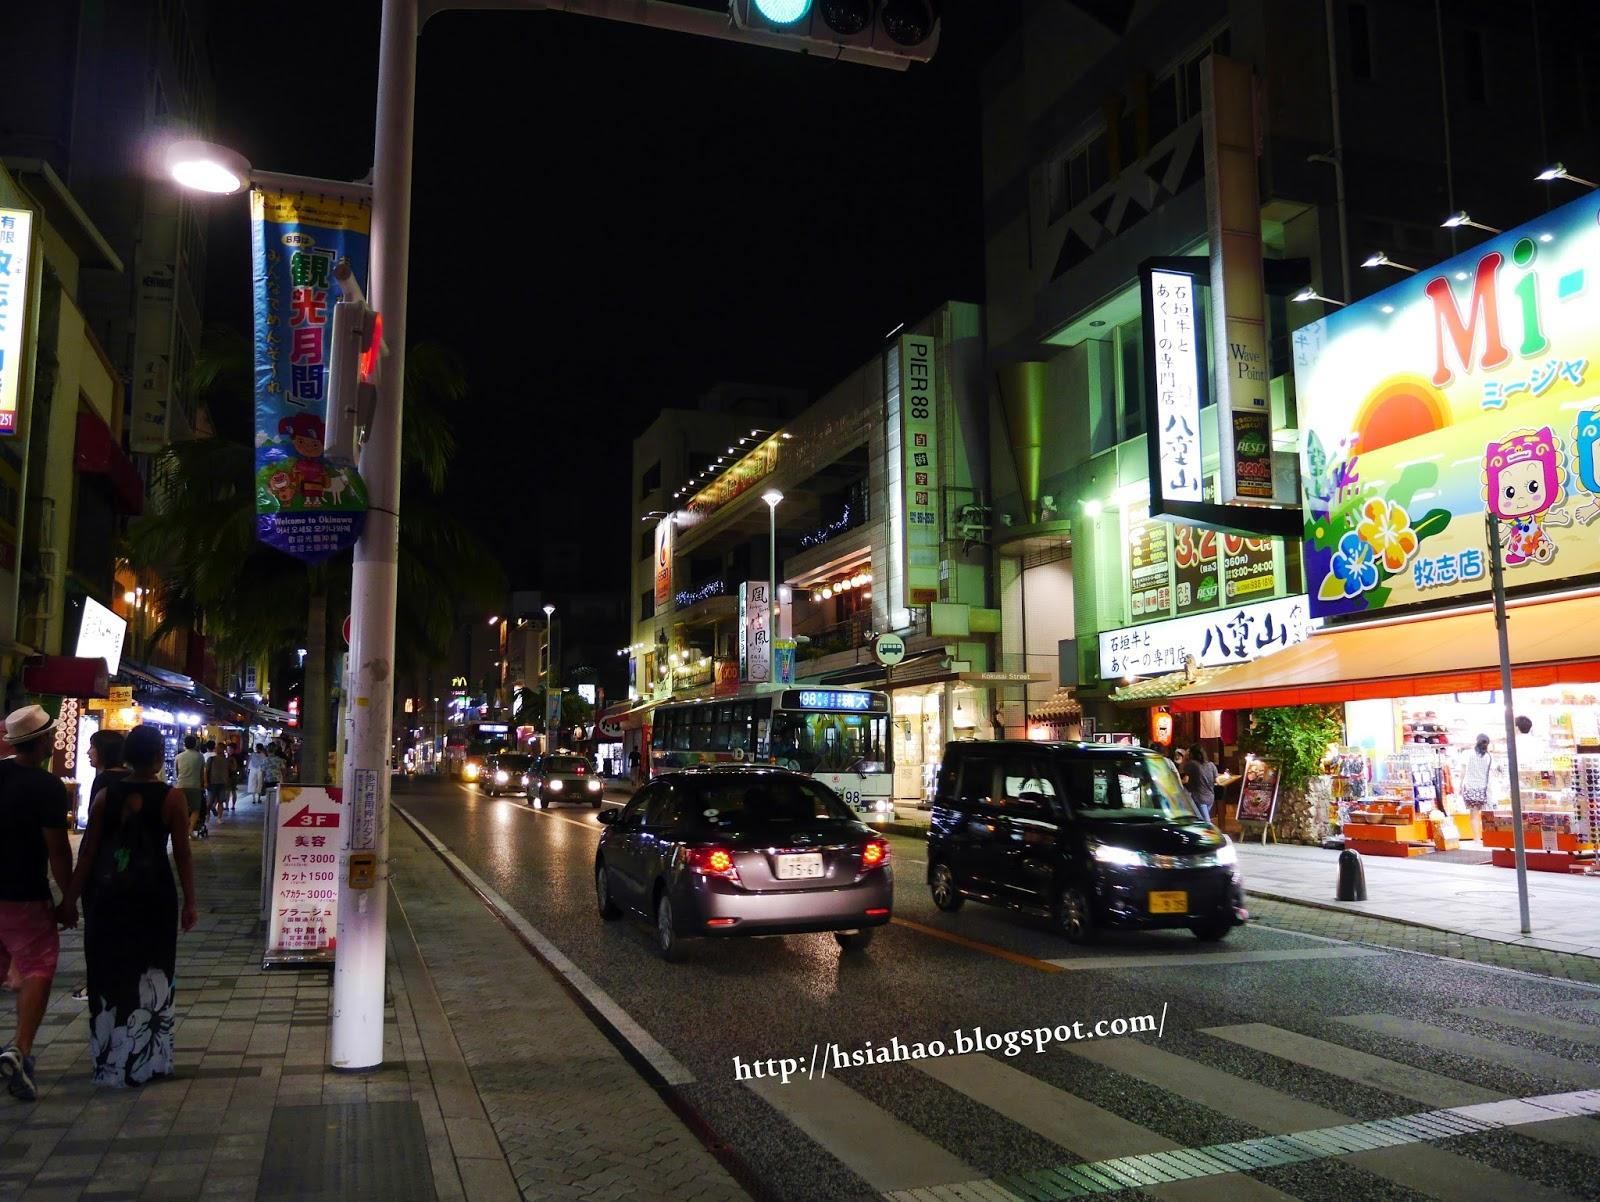 沖繩-國際通-夜晚-商店-國際通購物-國際通逛街-國際通景點-自由行-Okinawa-kokusaidori